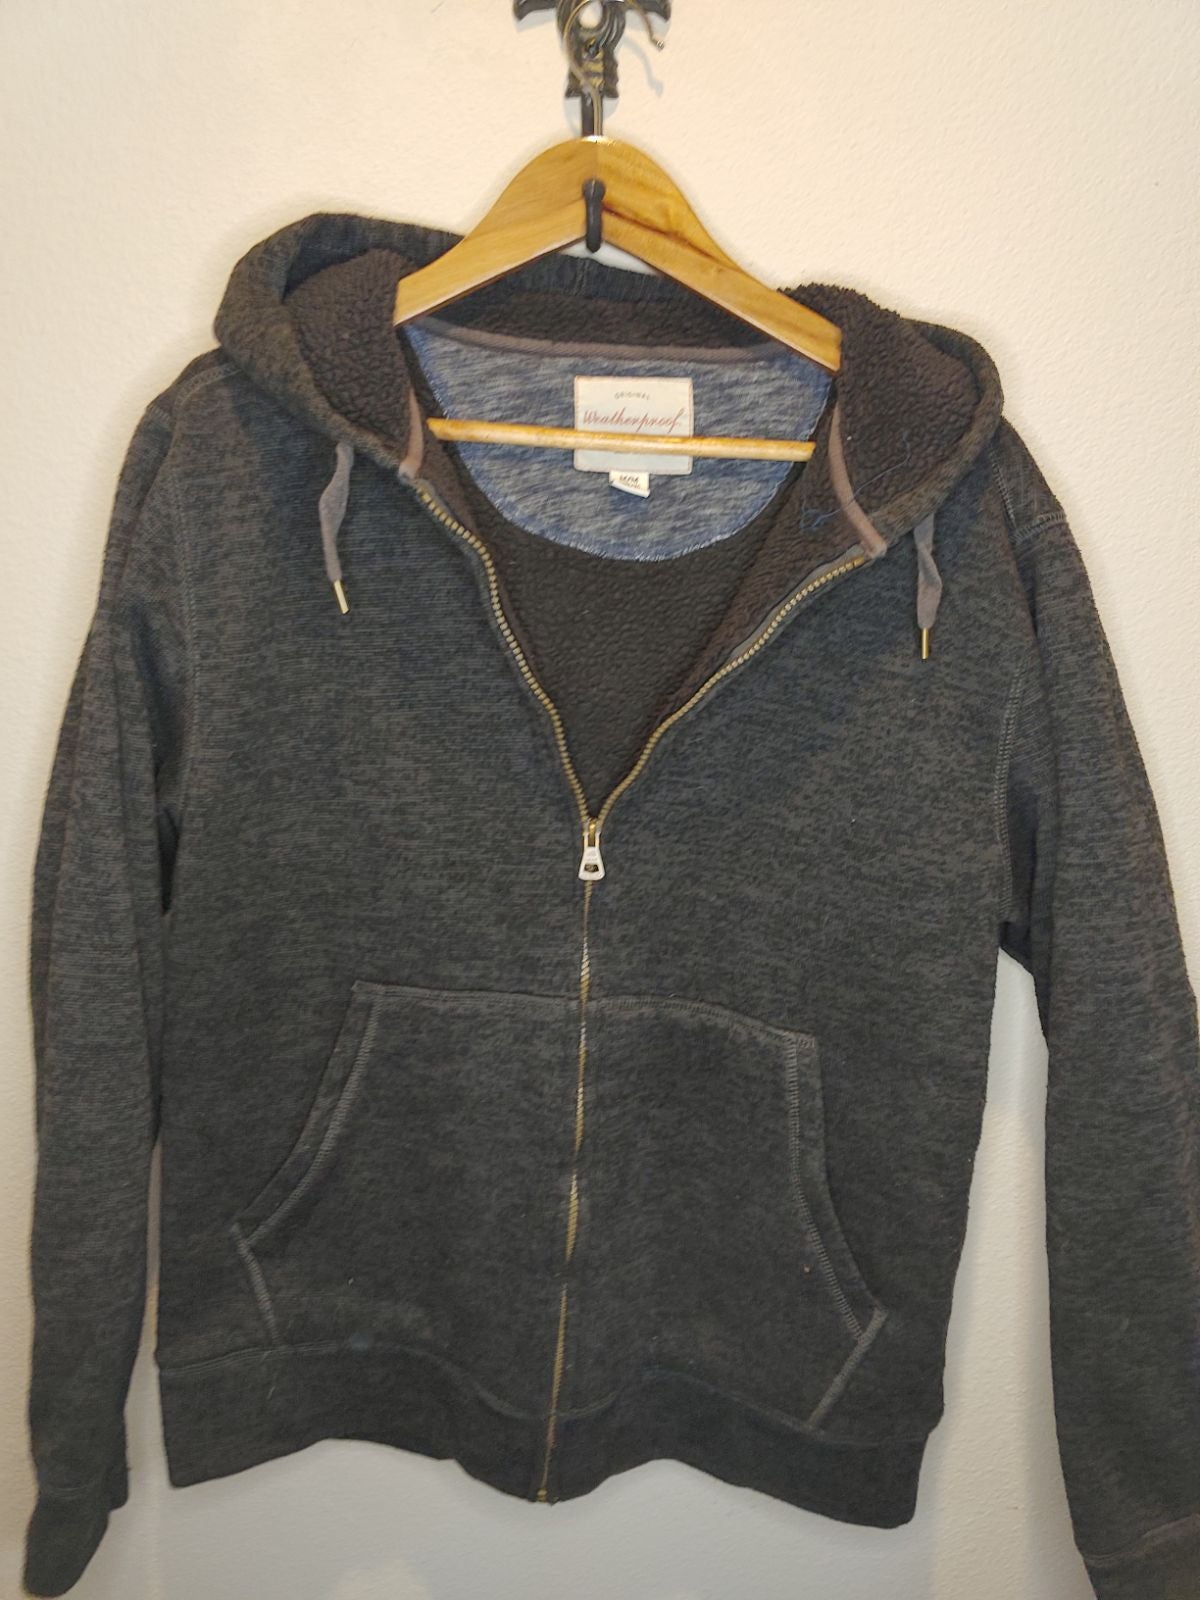 Weatherproof fleece men's hoodie jacket